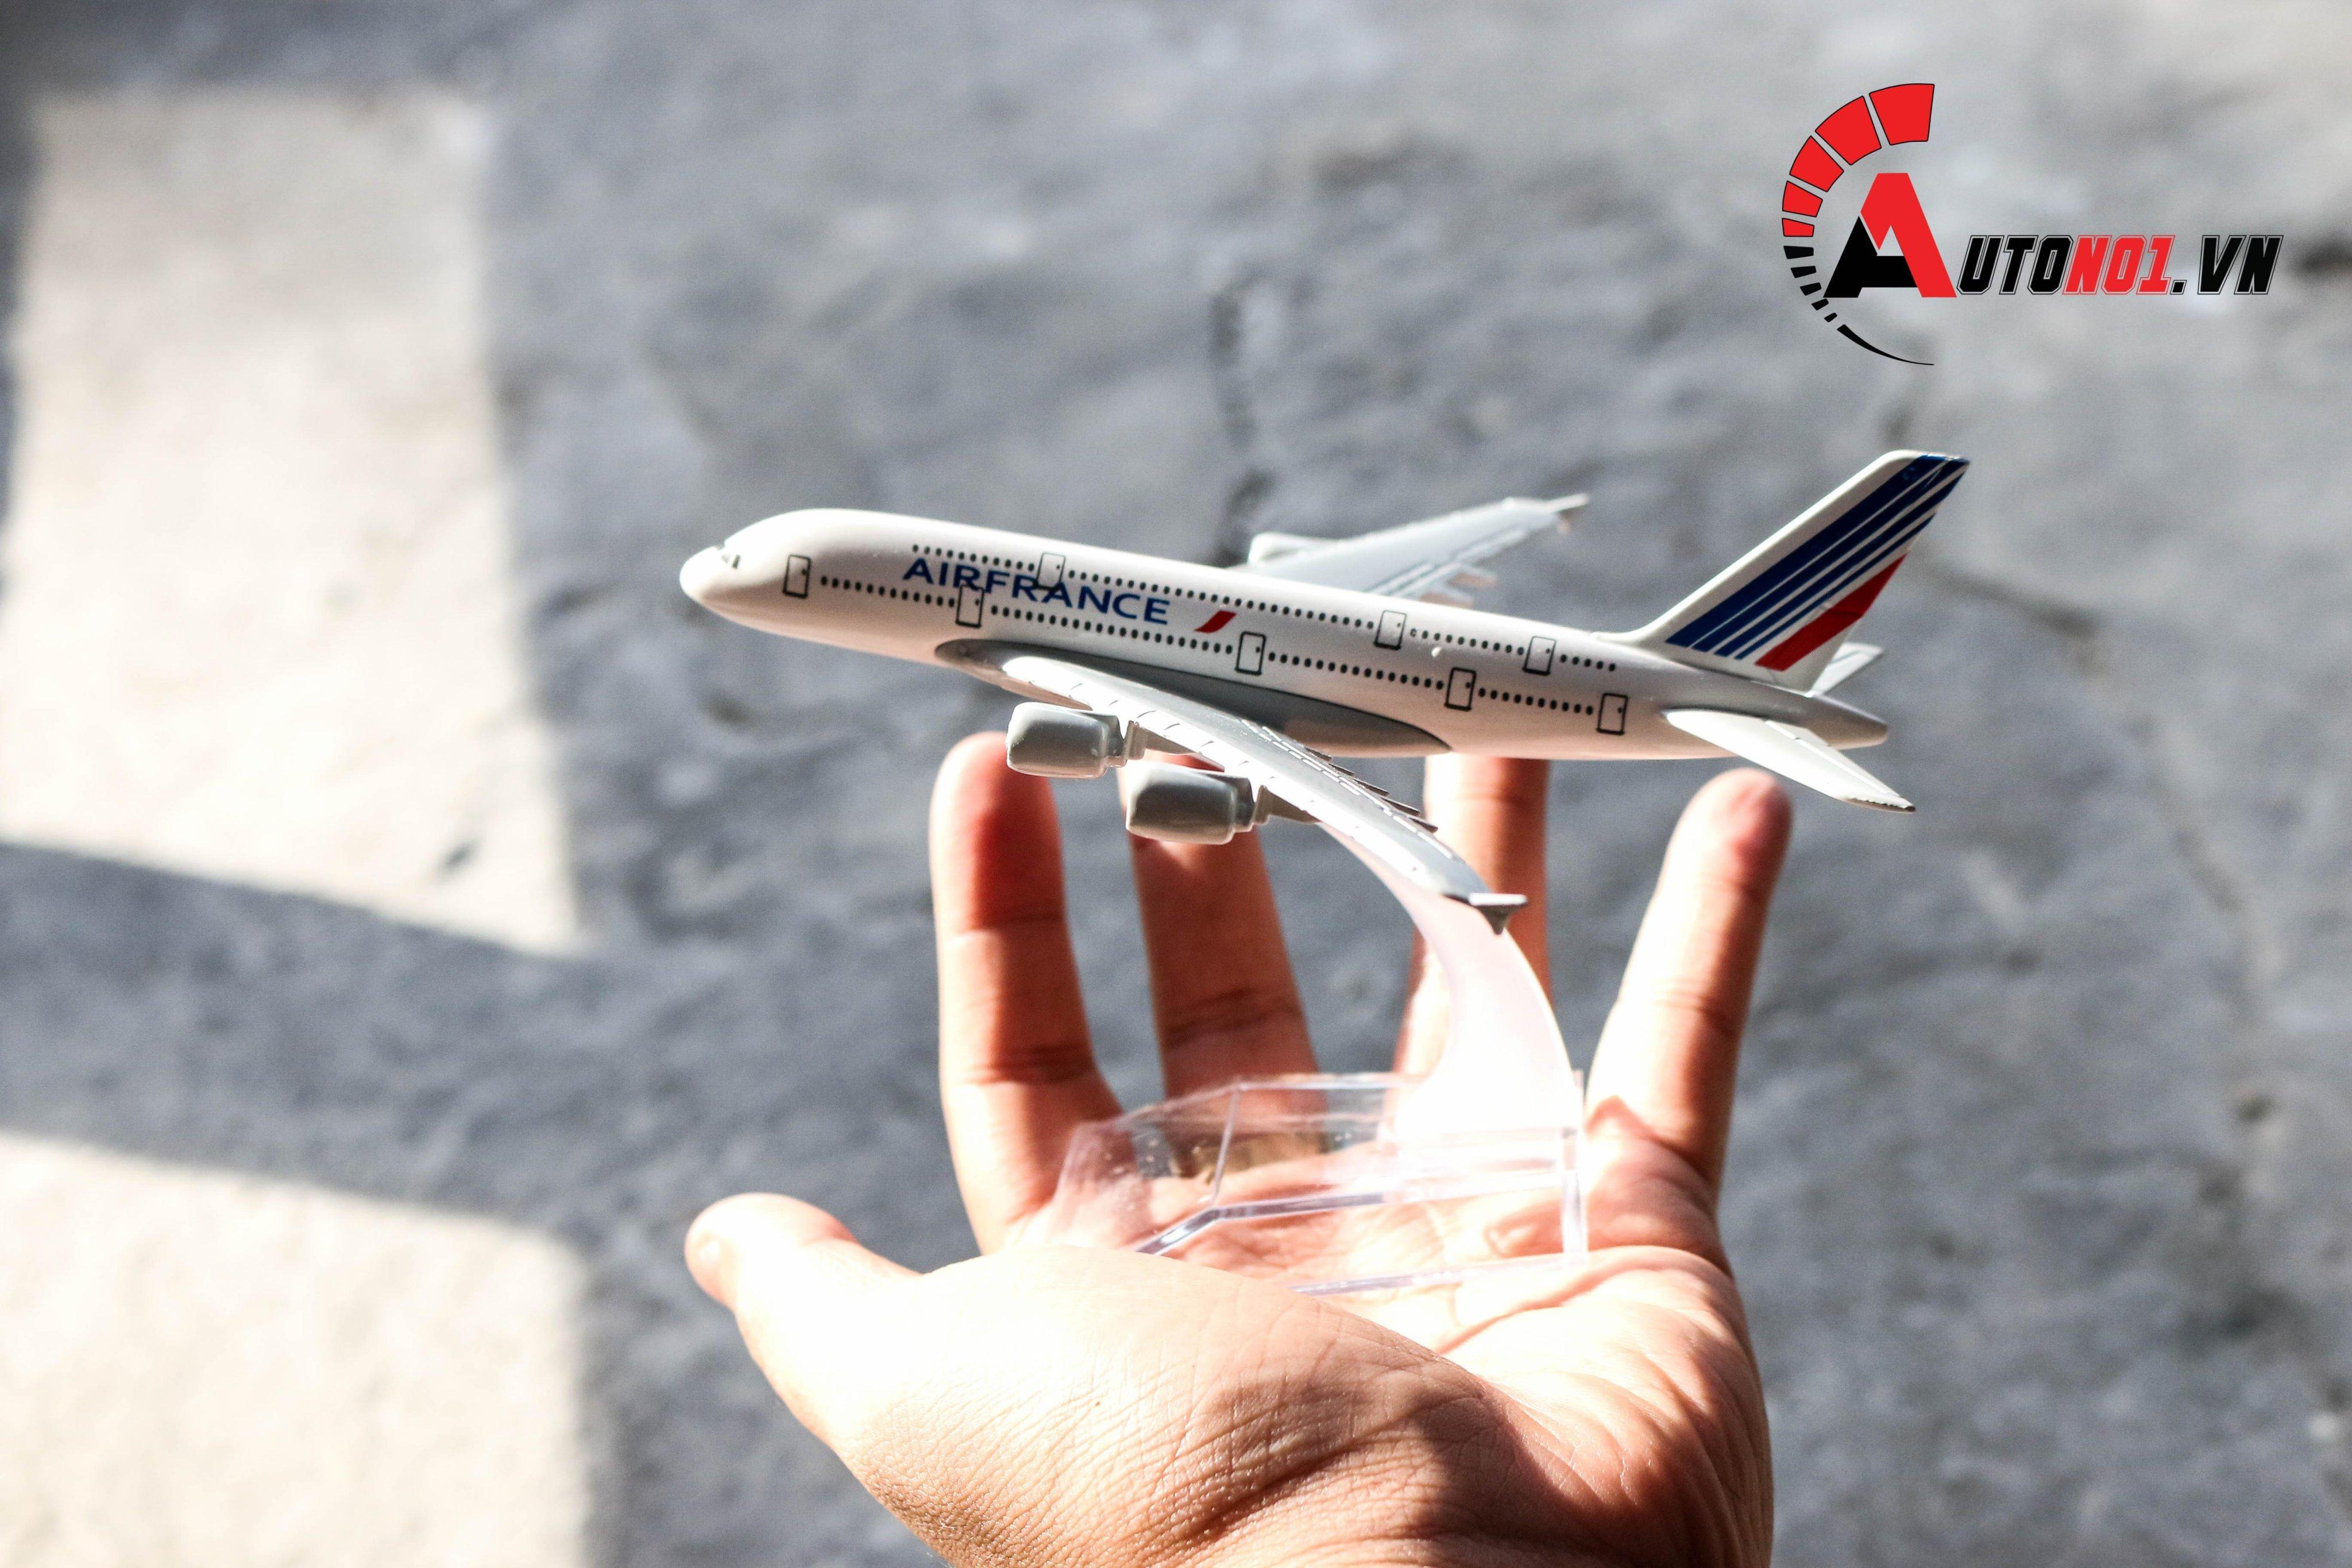 Cơ Hội Giá Tốt Để Sở Hữu MÔ HÌNH MÁY BAY AIR FRANCE A380 16 CM